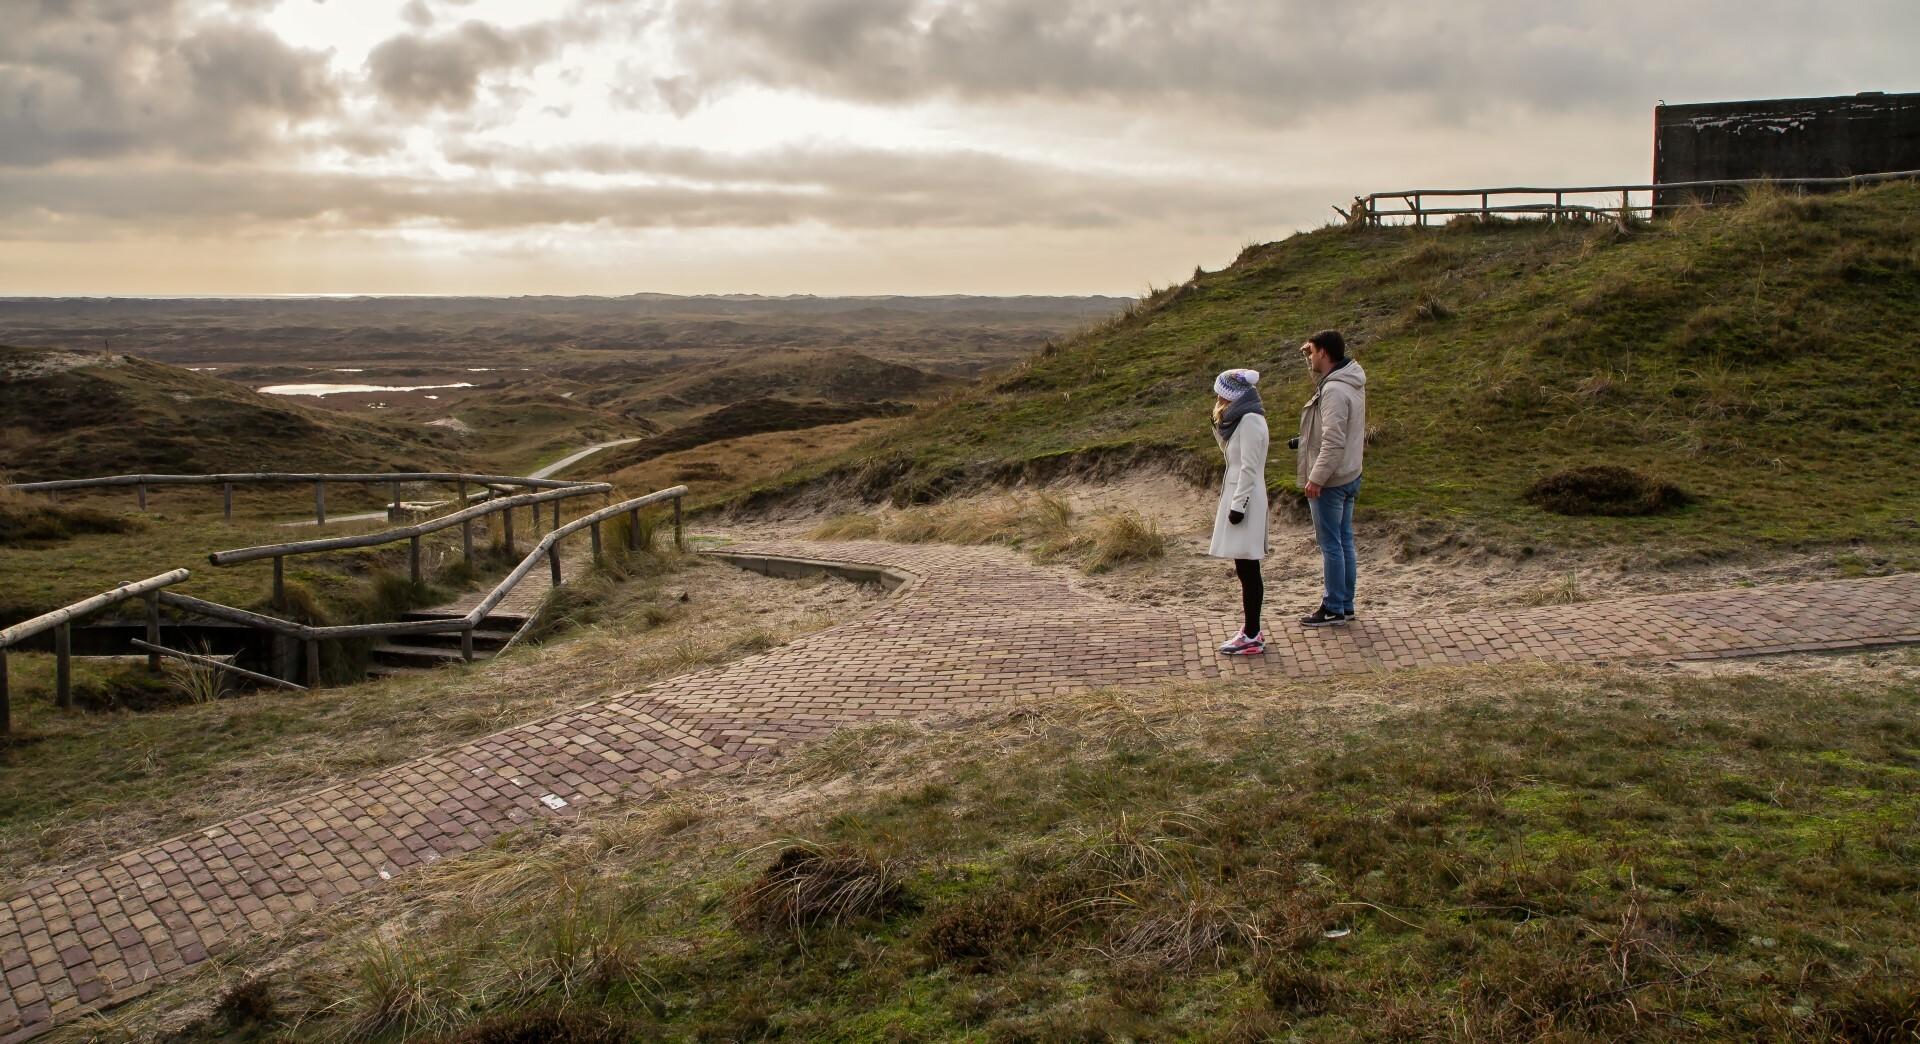 Wandelen bij de bunker Den Hoorn bij De Geul VVV Texel fotograaf Justin Sinner